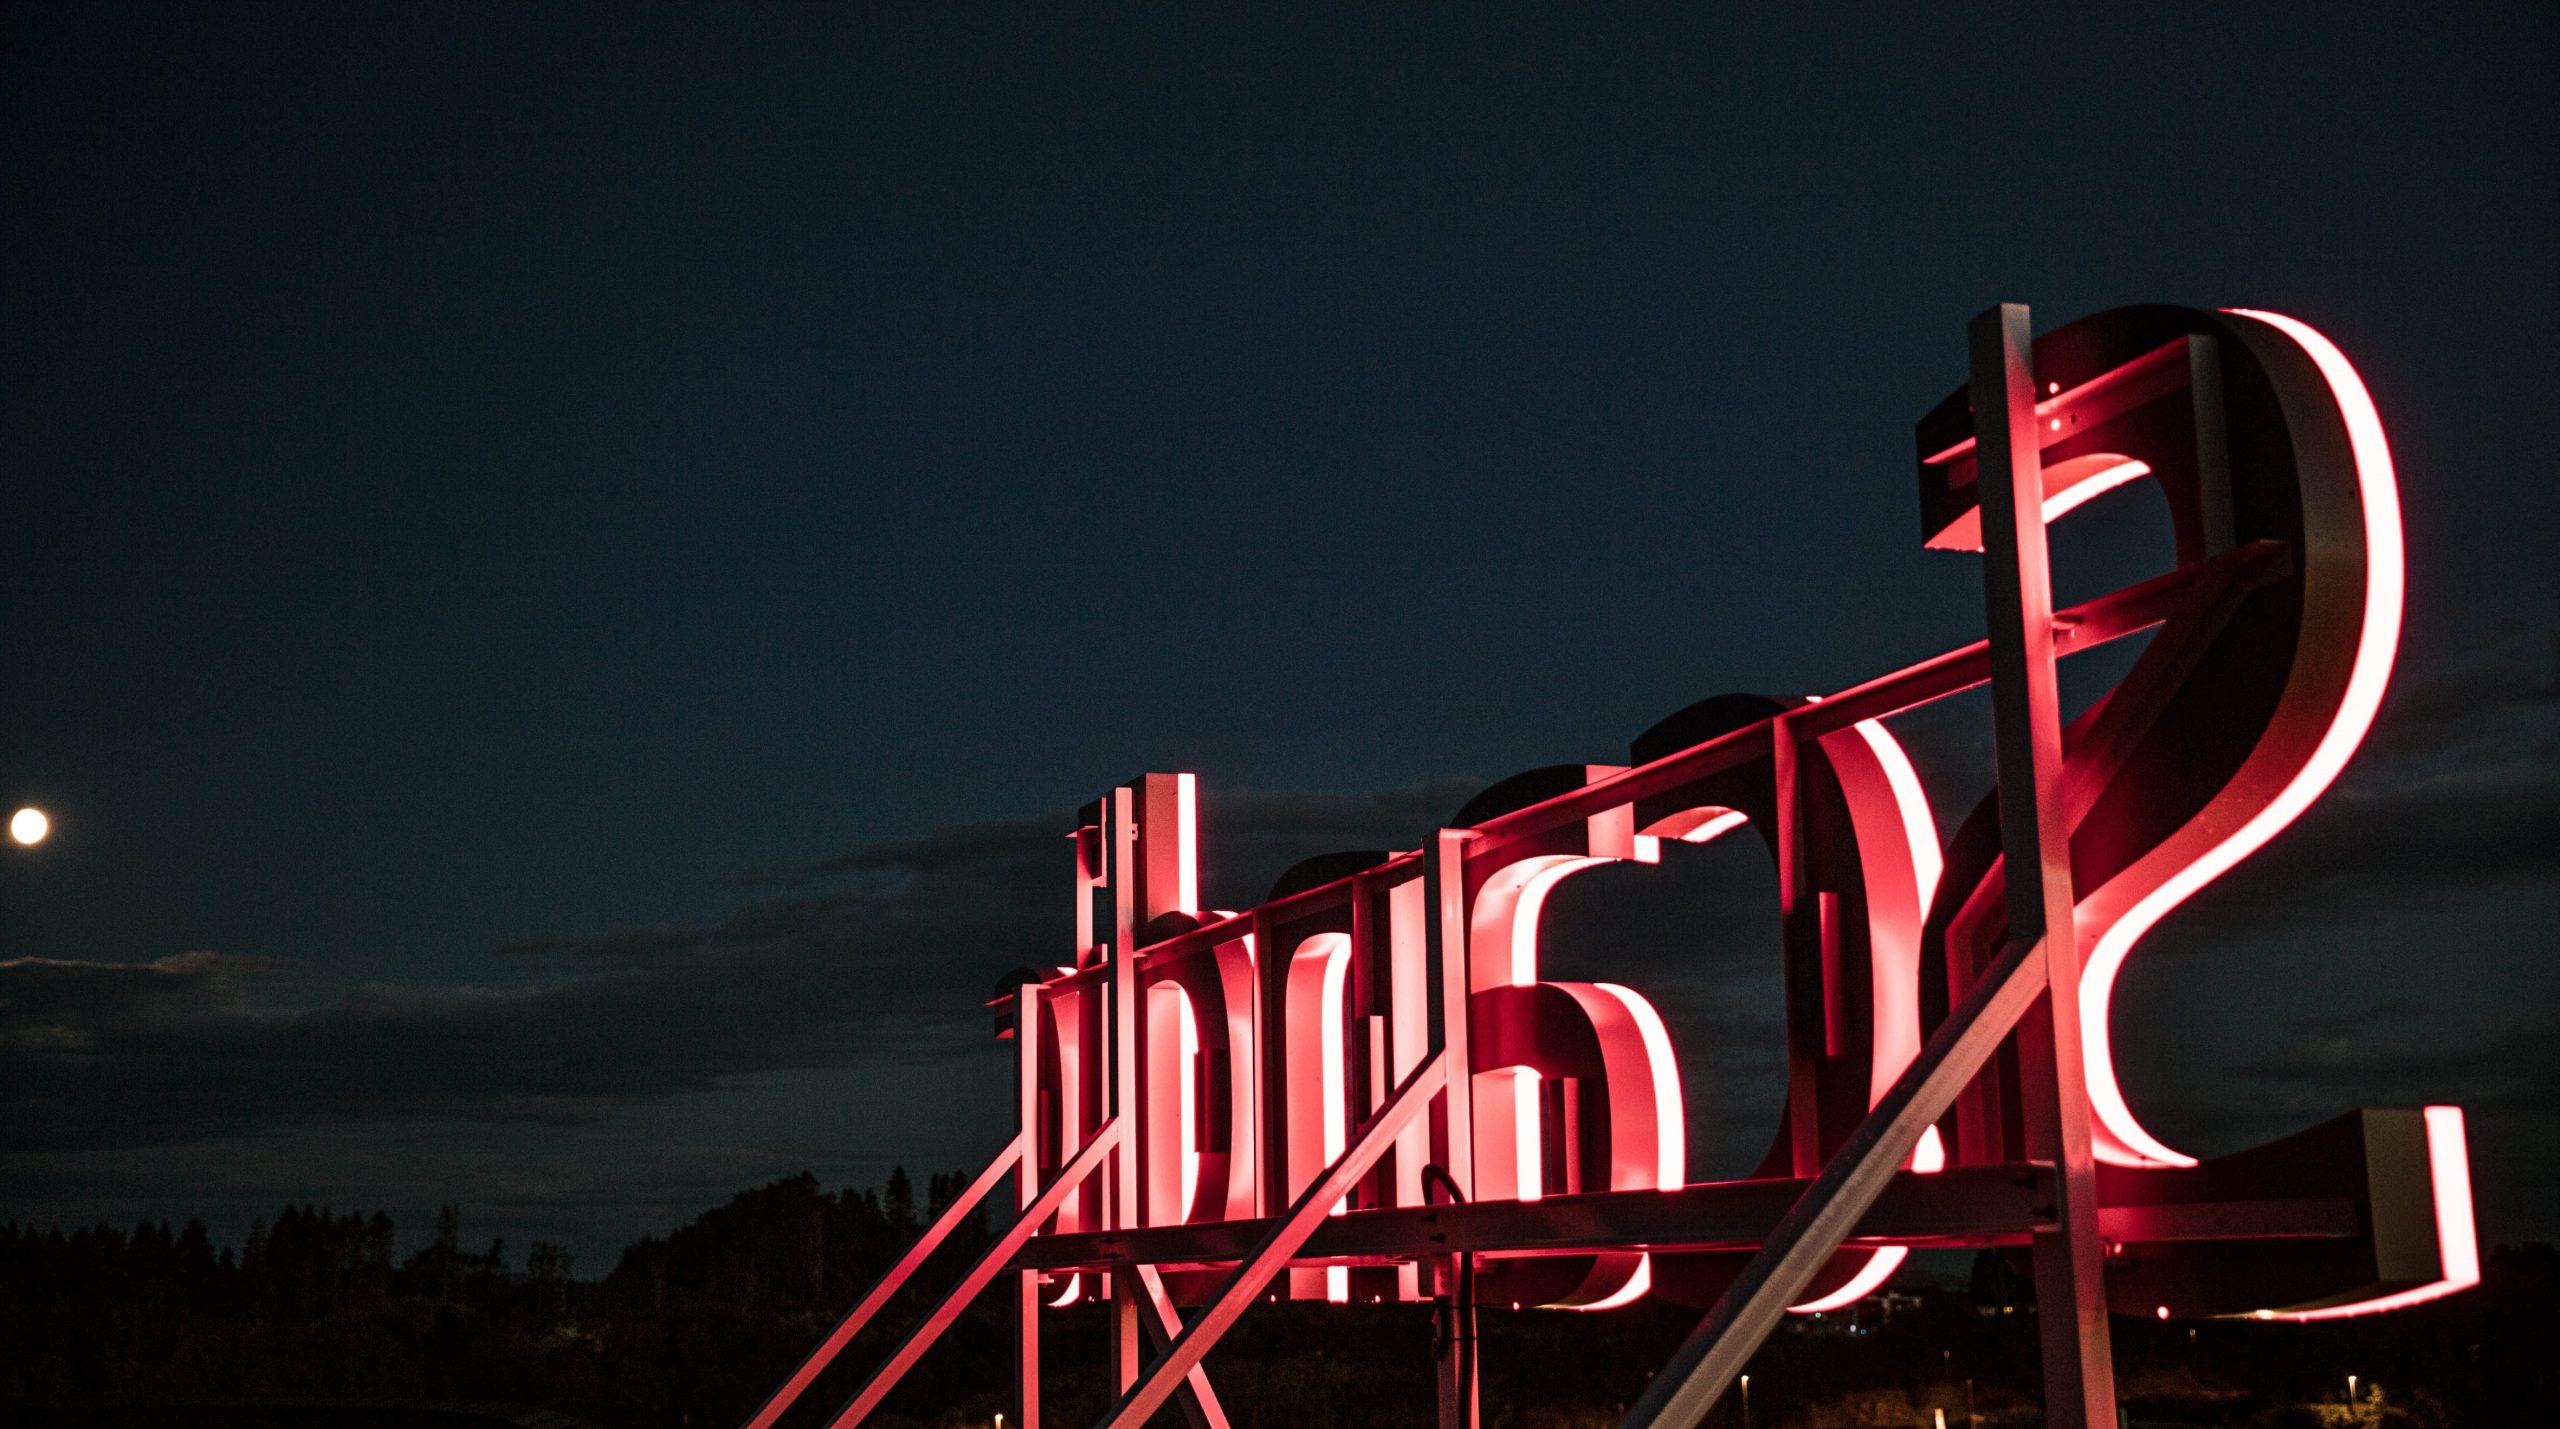 Som alle andre i rejsebranchen er også Scandic Hotels, Danmarks og Nordens største hotelkæde, hårdt ramt af coronakrisen. I sin pipeline har Scandic 14 hoteller, heraf fire i Danmark med samlet 1.574 værelser. Arkivpressefoto fra Scandic Hotels.